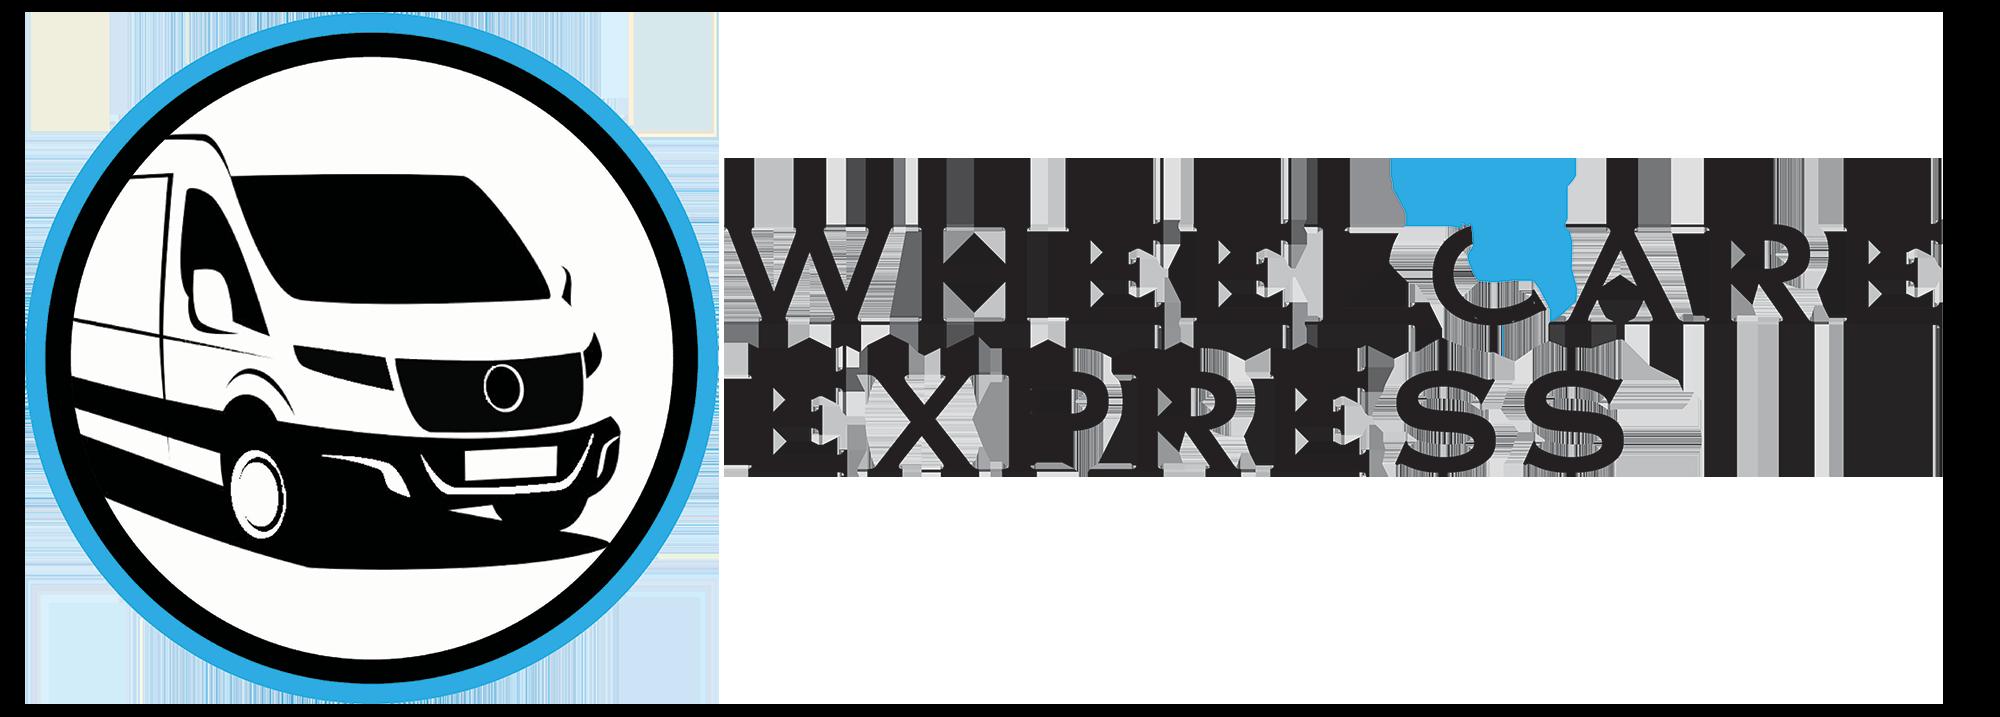 Wheelcare Express